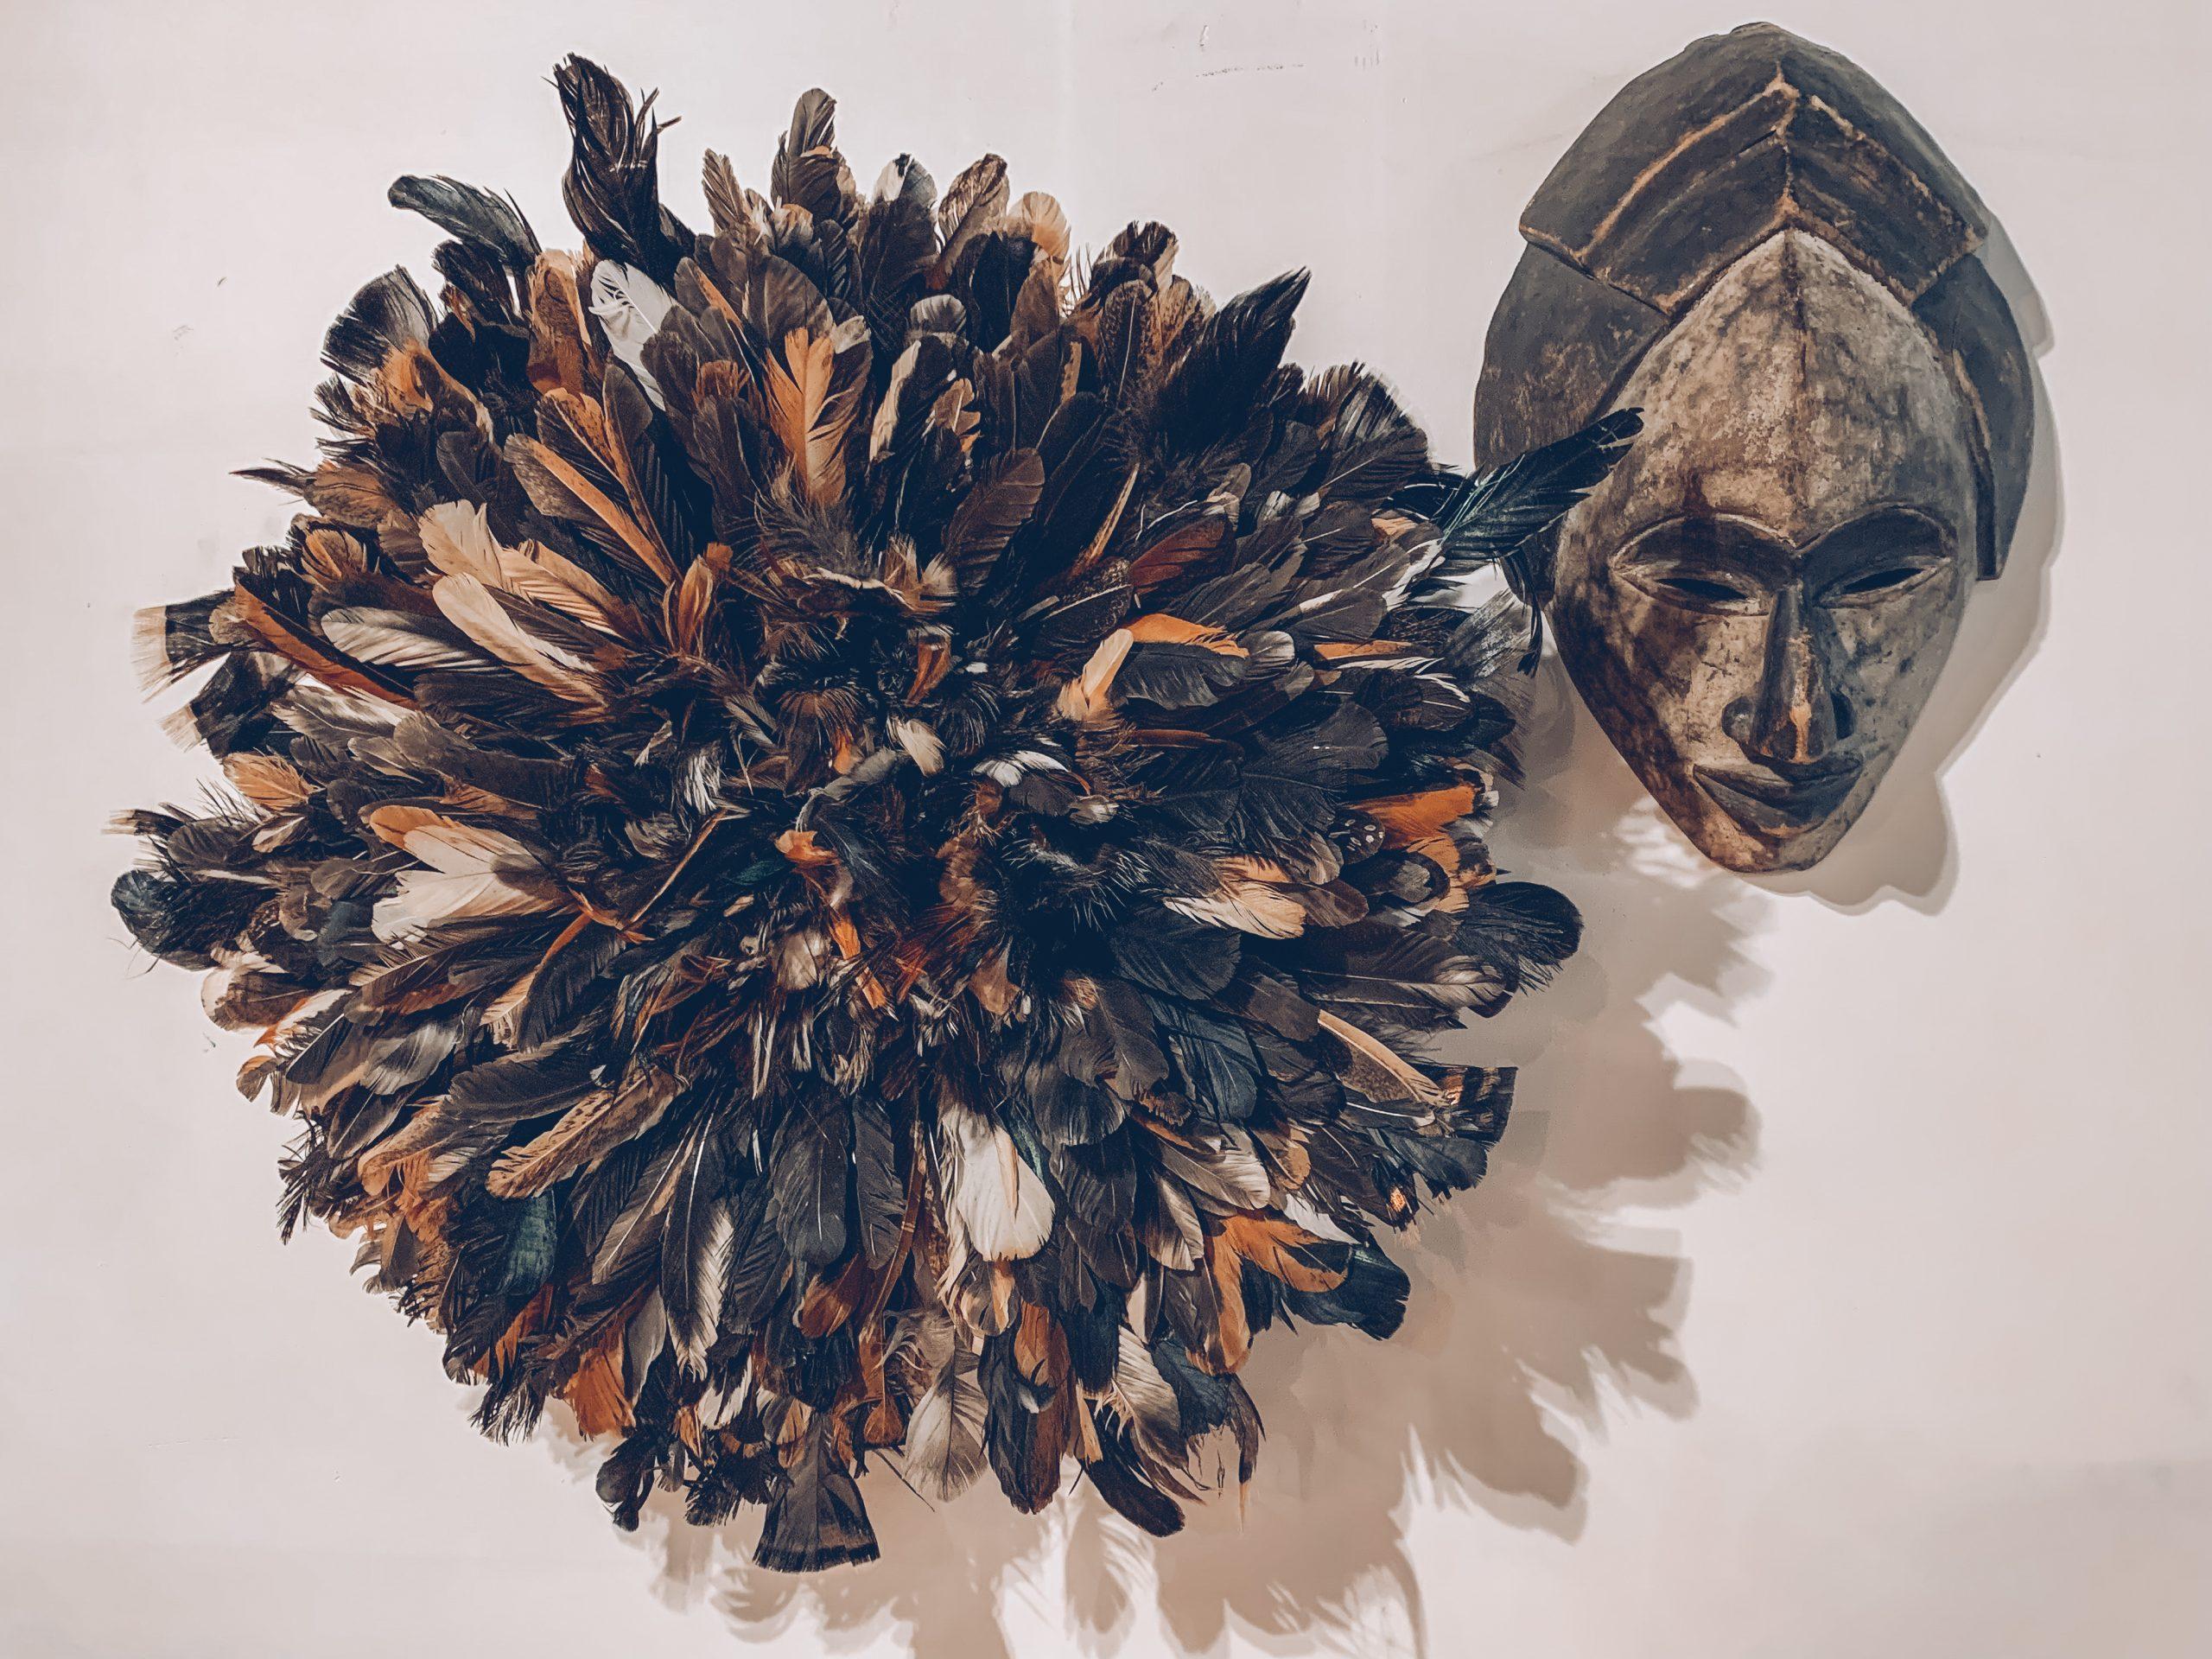 masque décoratif, décoration murale, plumes déco, décoration ethnique, designers belges, jn interiors, jour et nuit liège verviers